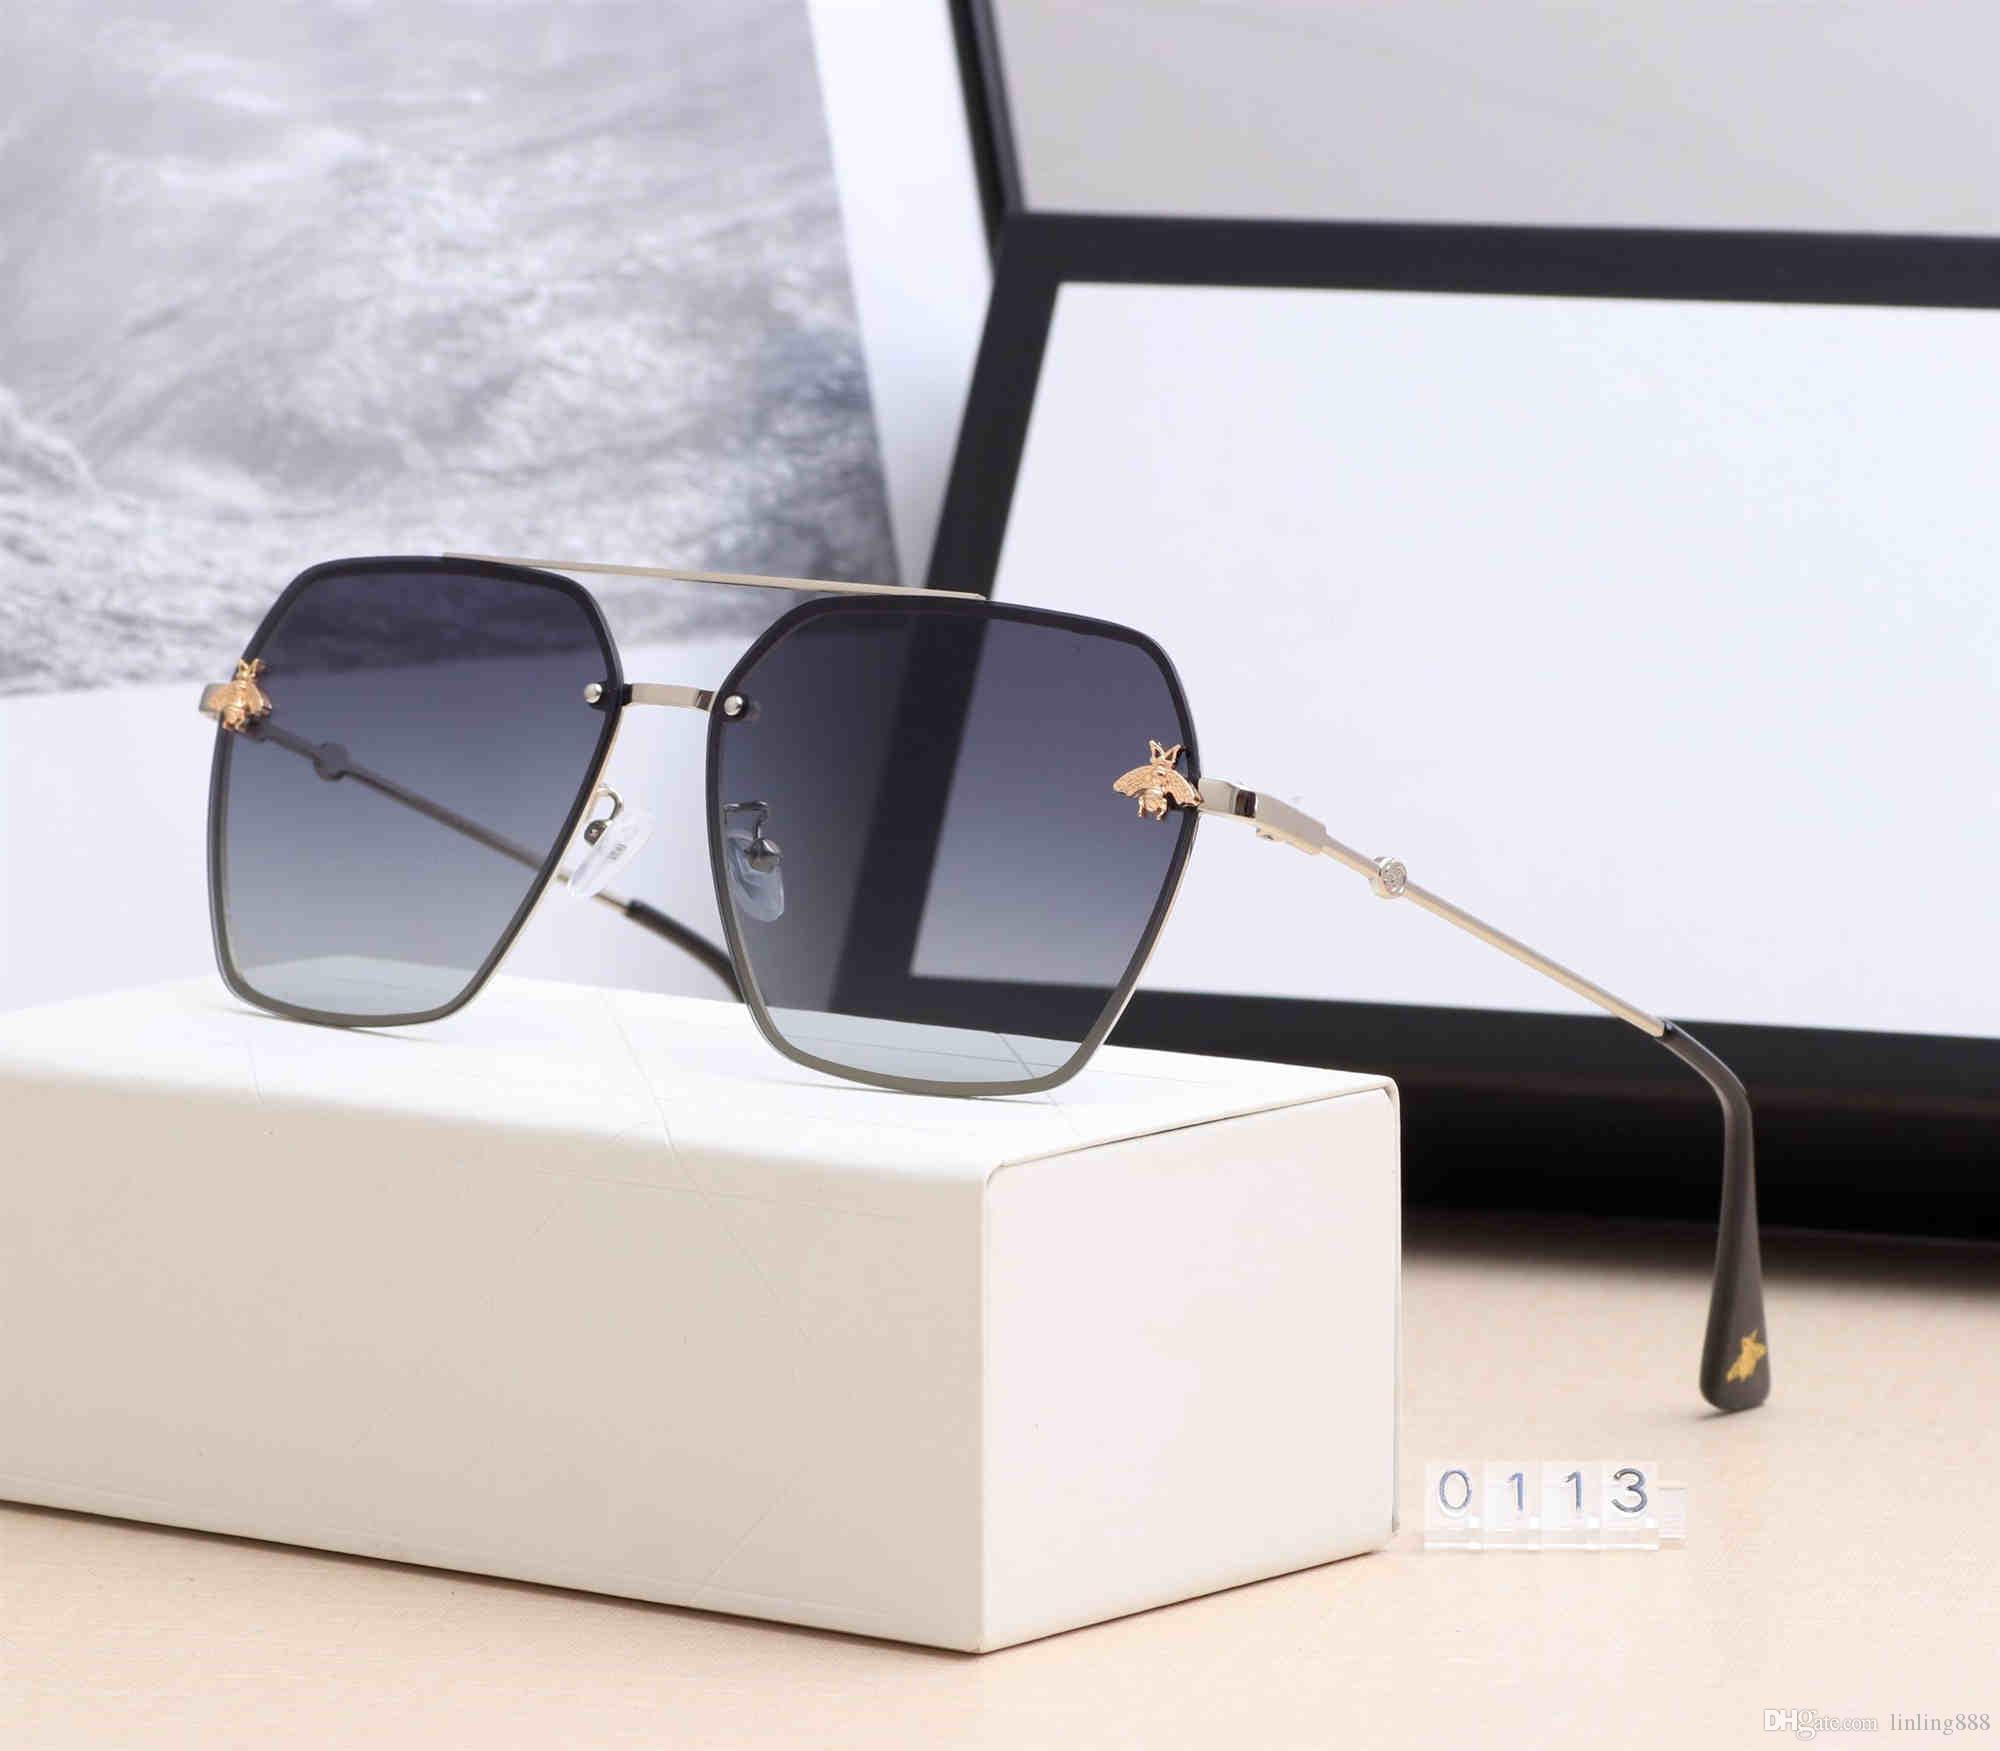 83233abc3 Compre Logotipo Quadrado Em Óculos De Sol De Marca Designer De Luxo Dos  Homens Caixa De Cinto Novinho Em Preto E Ouro Brilhante Para Luxurys Moda  Feminina ...